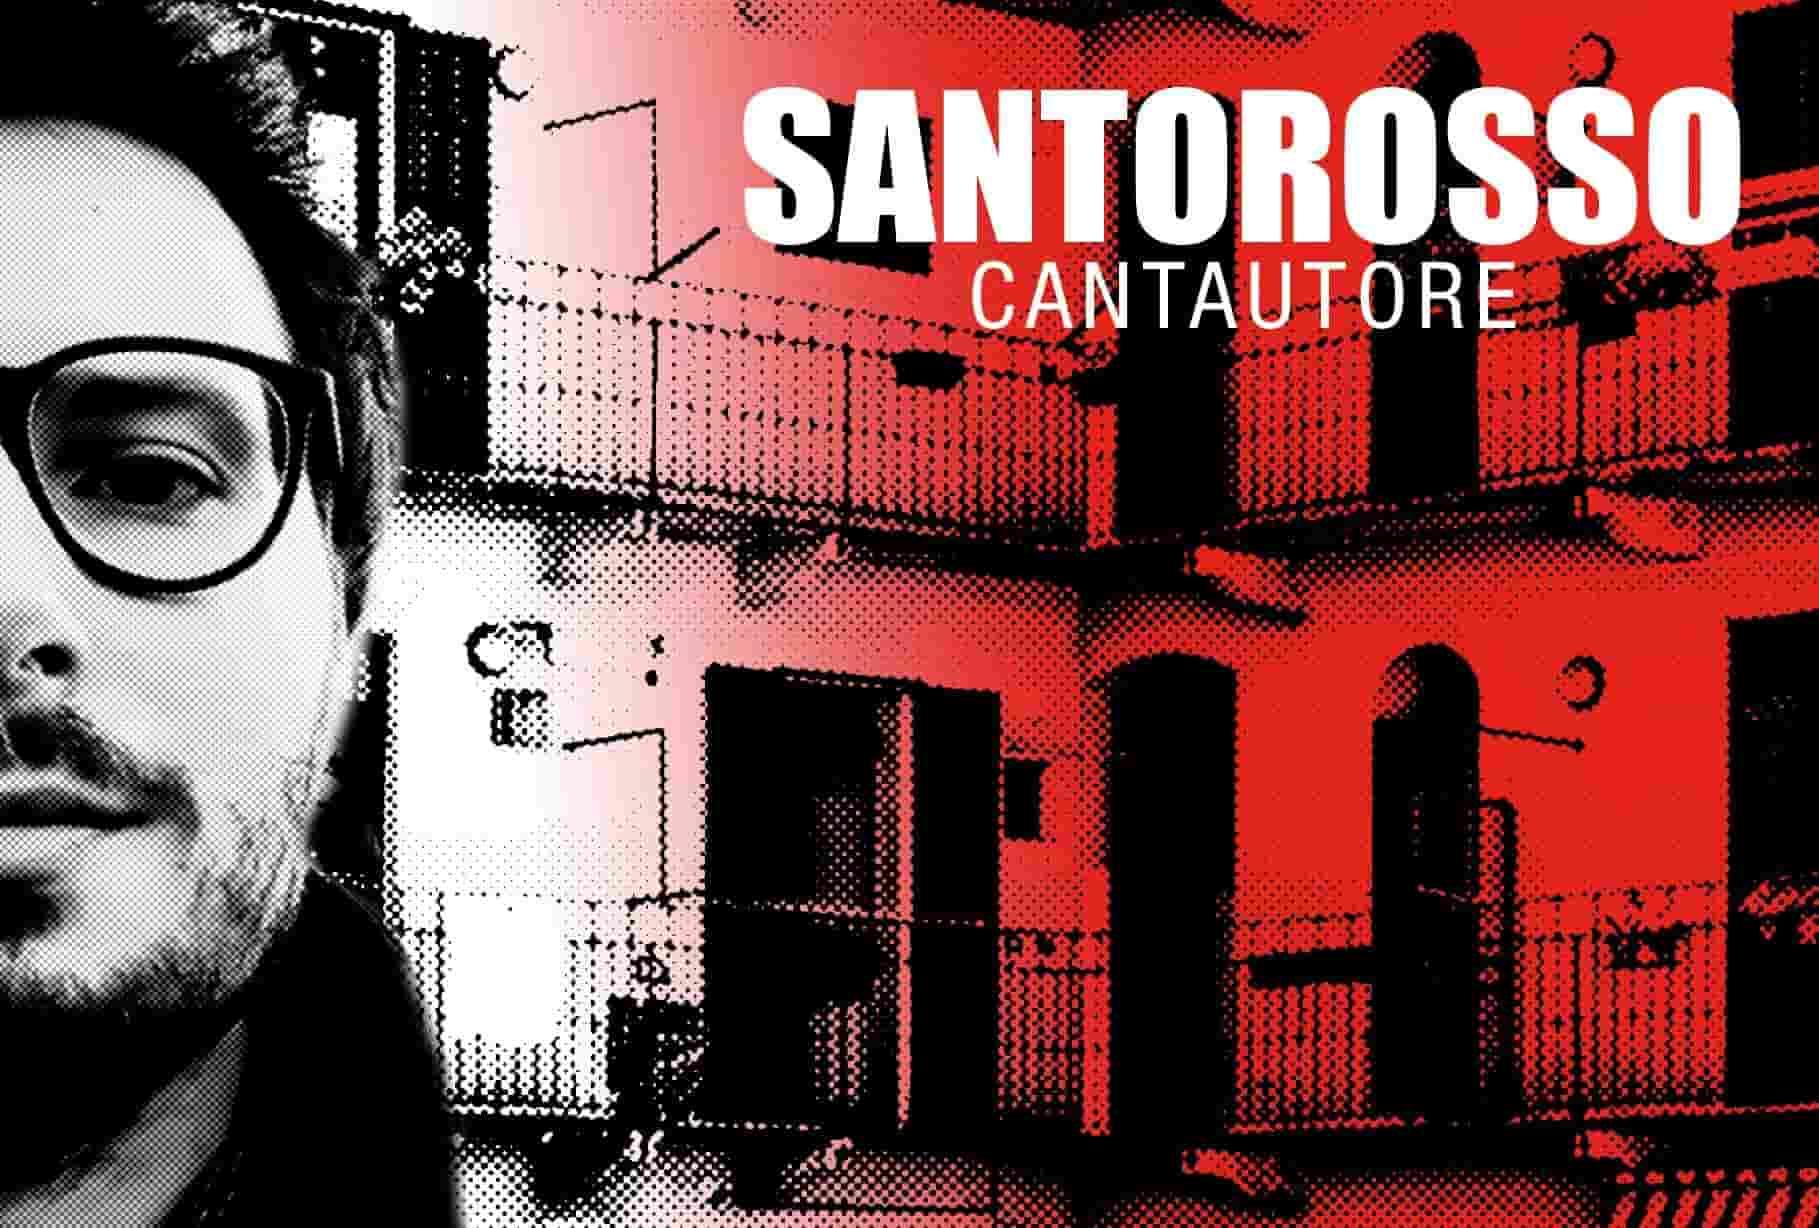 Santorosso alla 33^ edizione di Sanremo Rock!